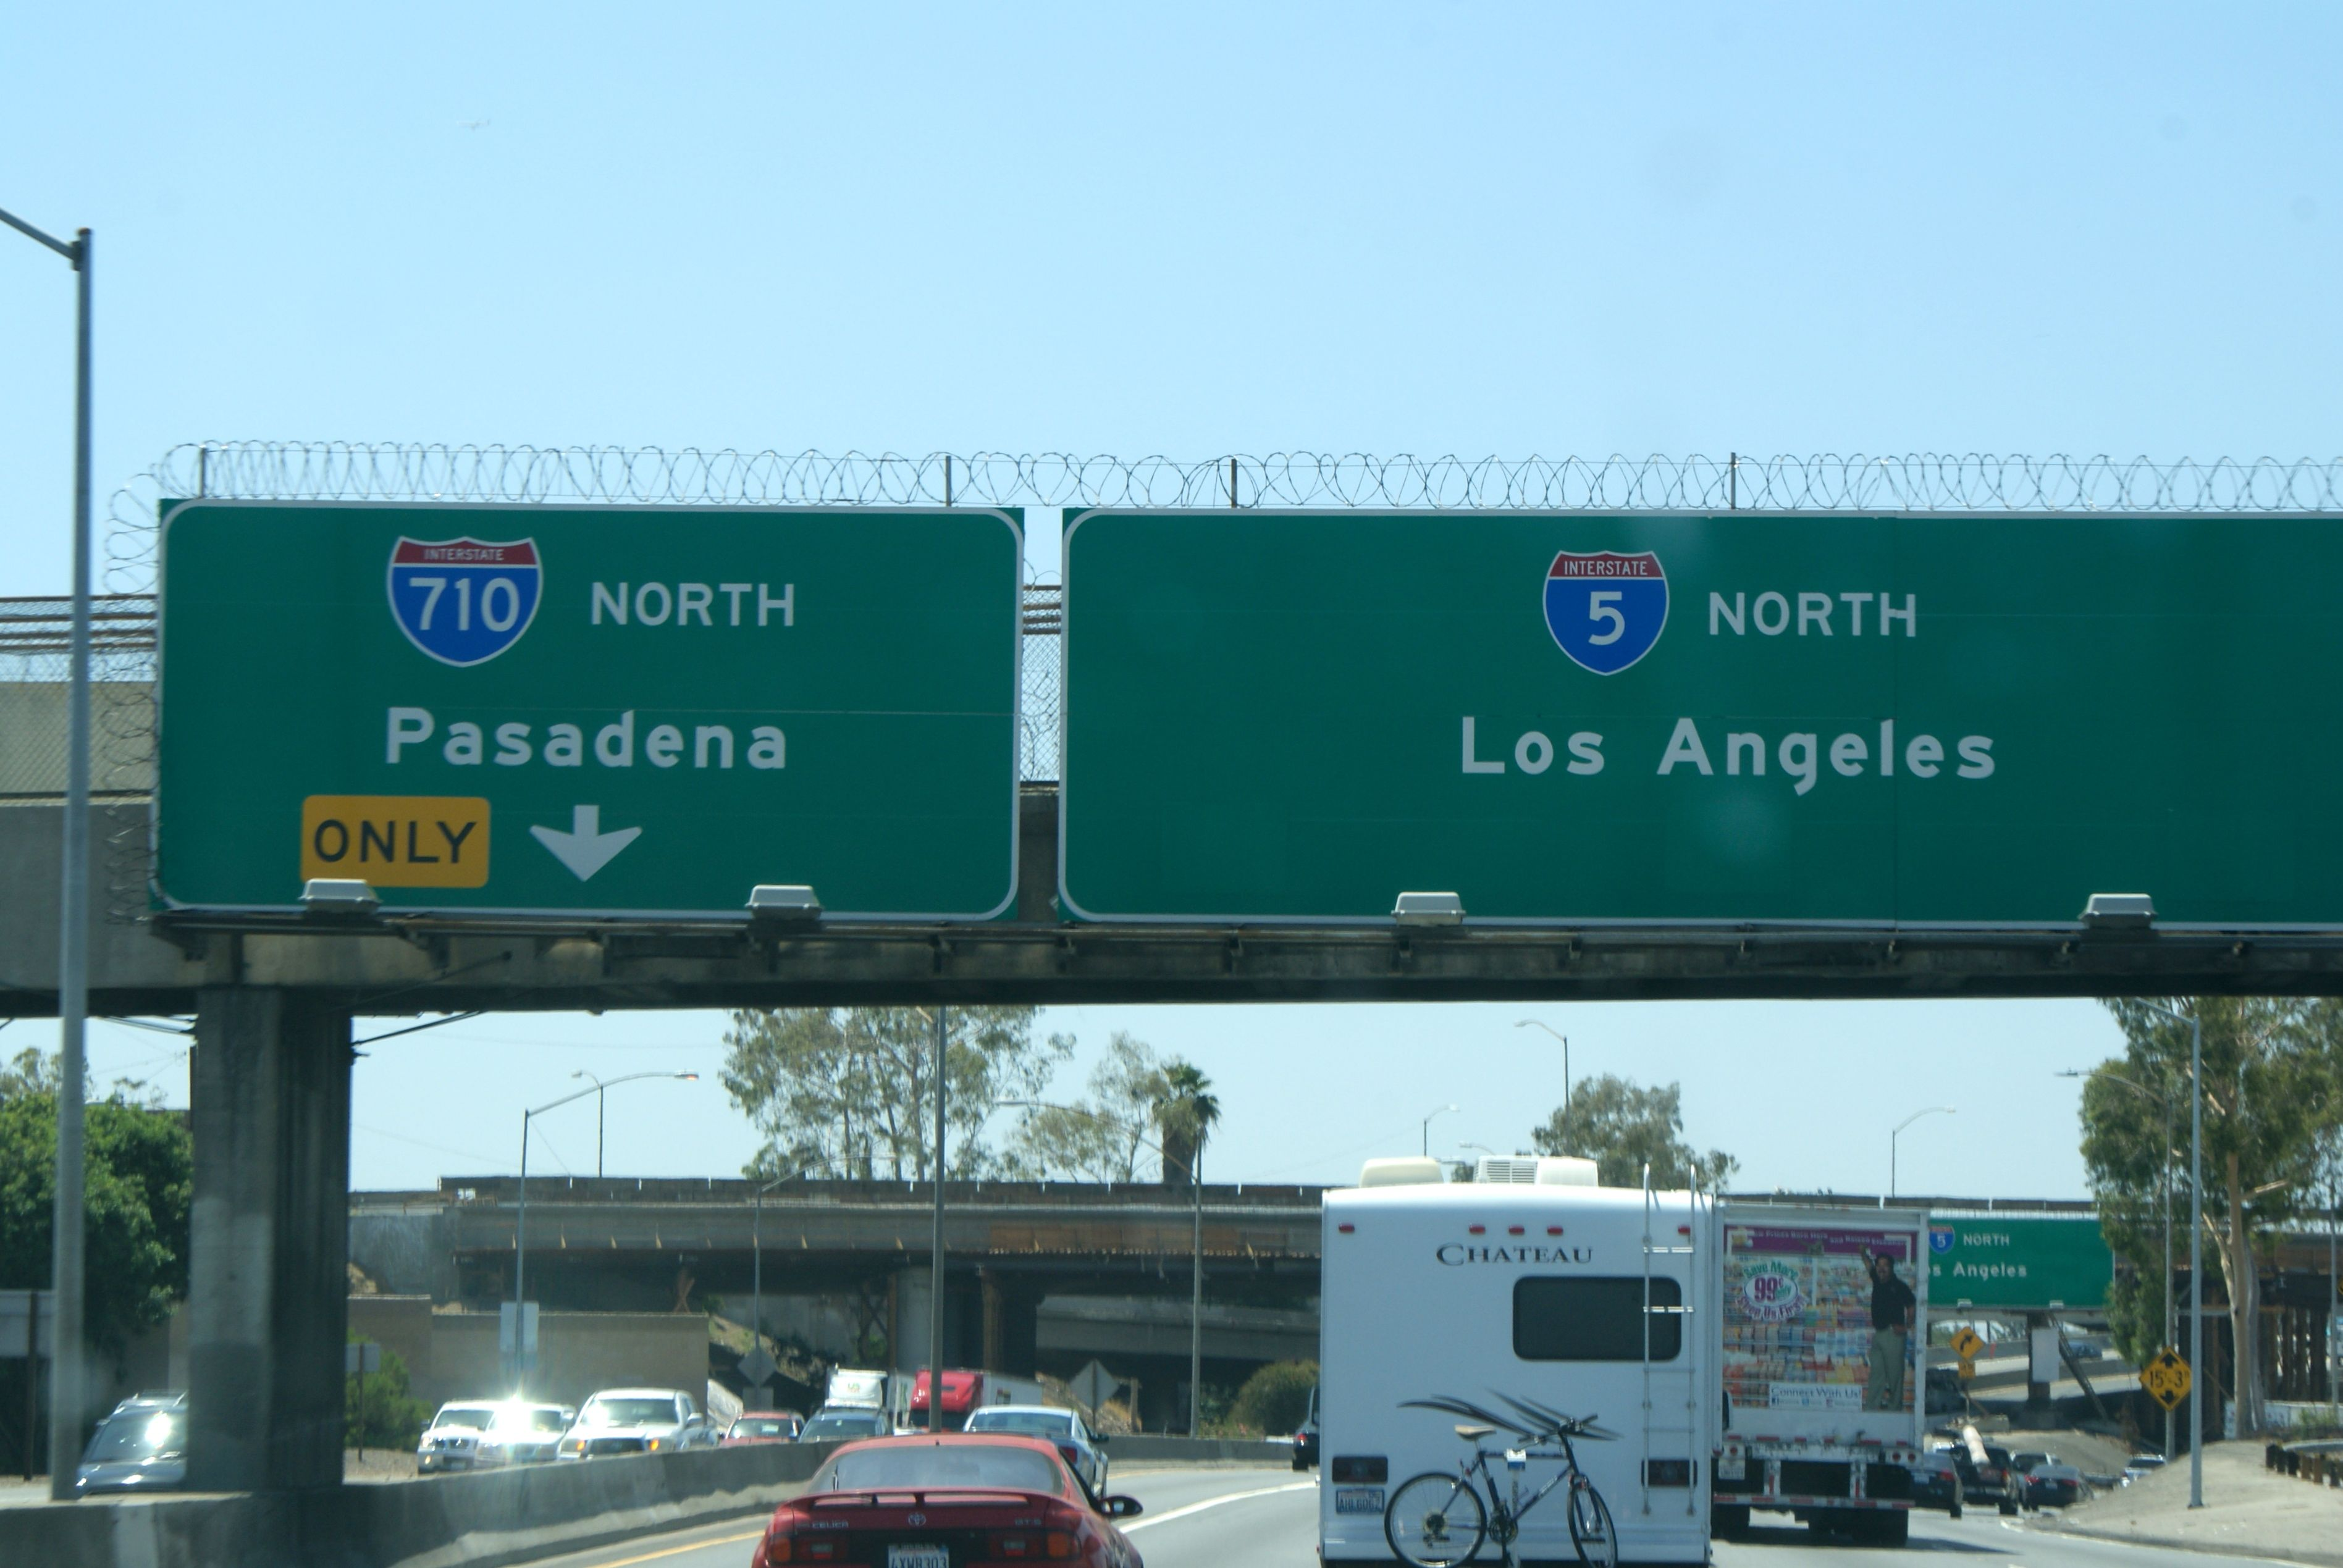 Freeway signs in Los Angeles. Razor wire to prevent graffiti ...